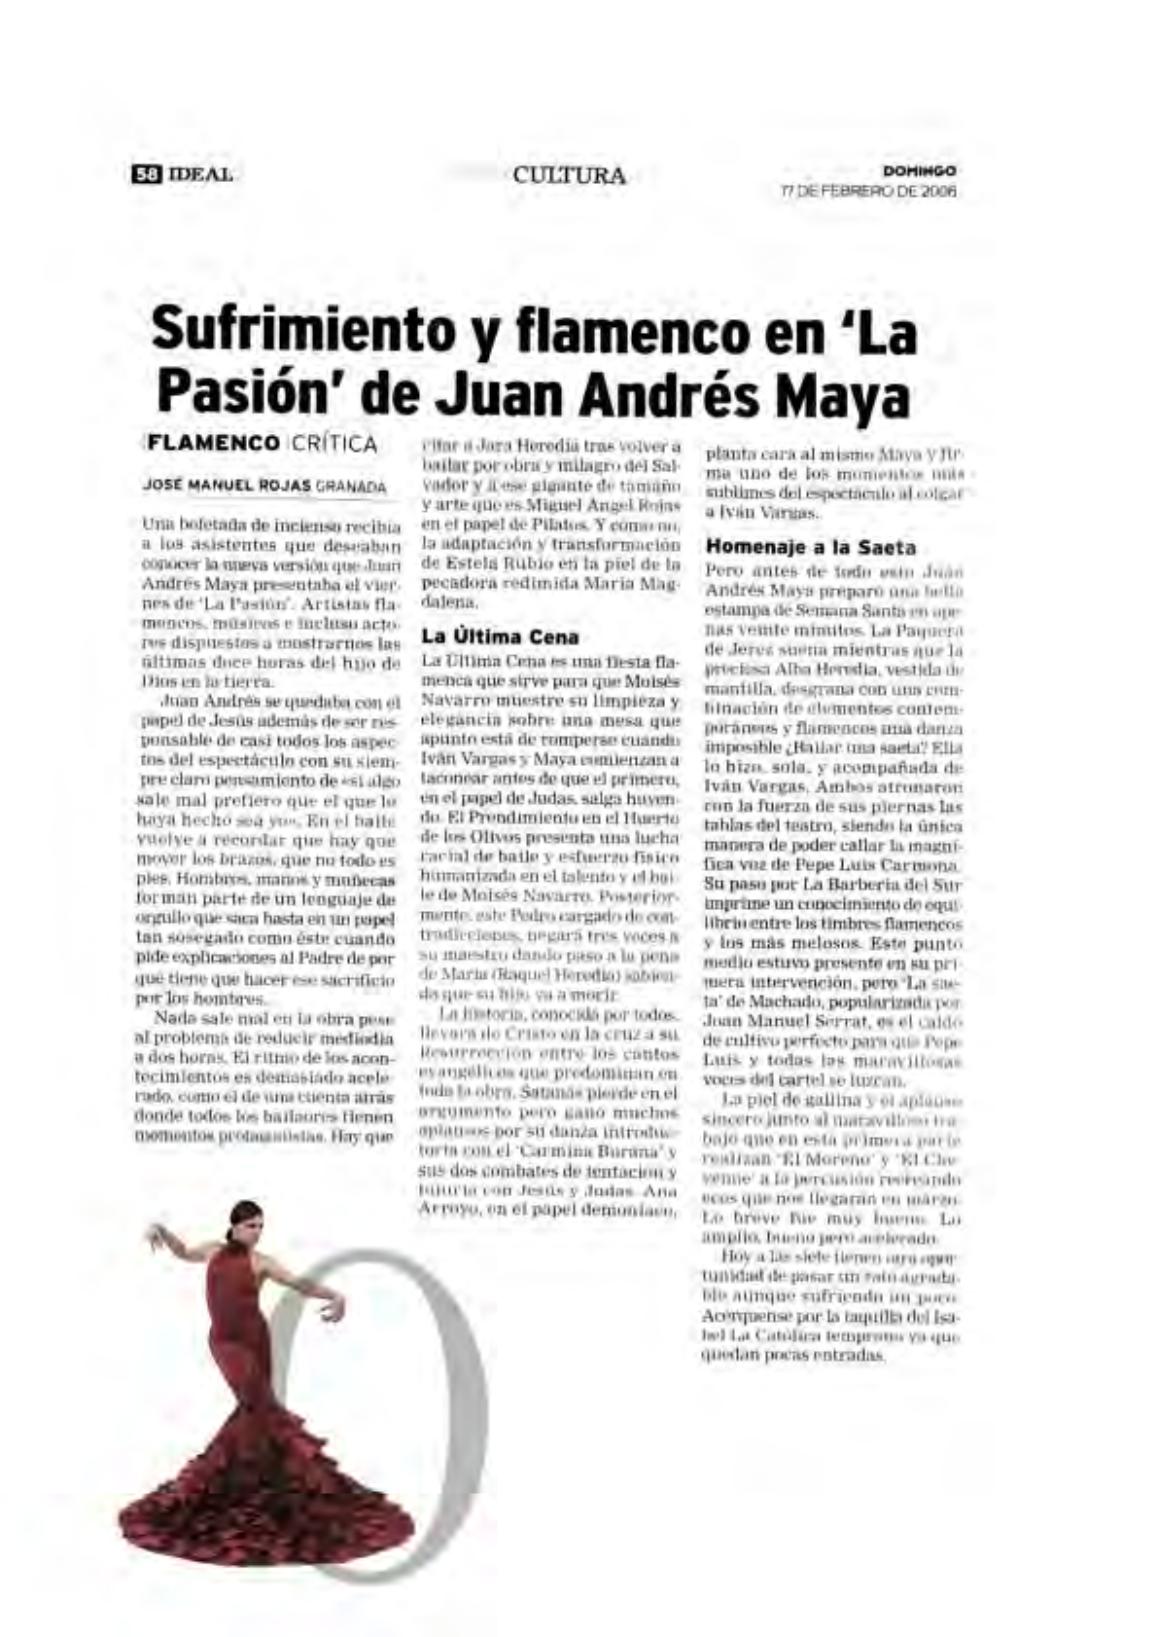 Prensa.